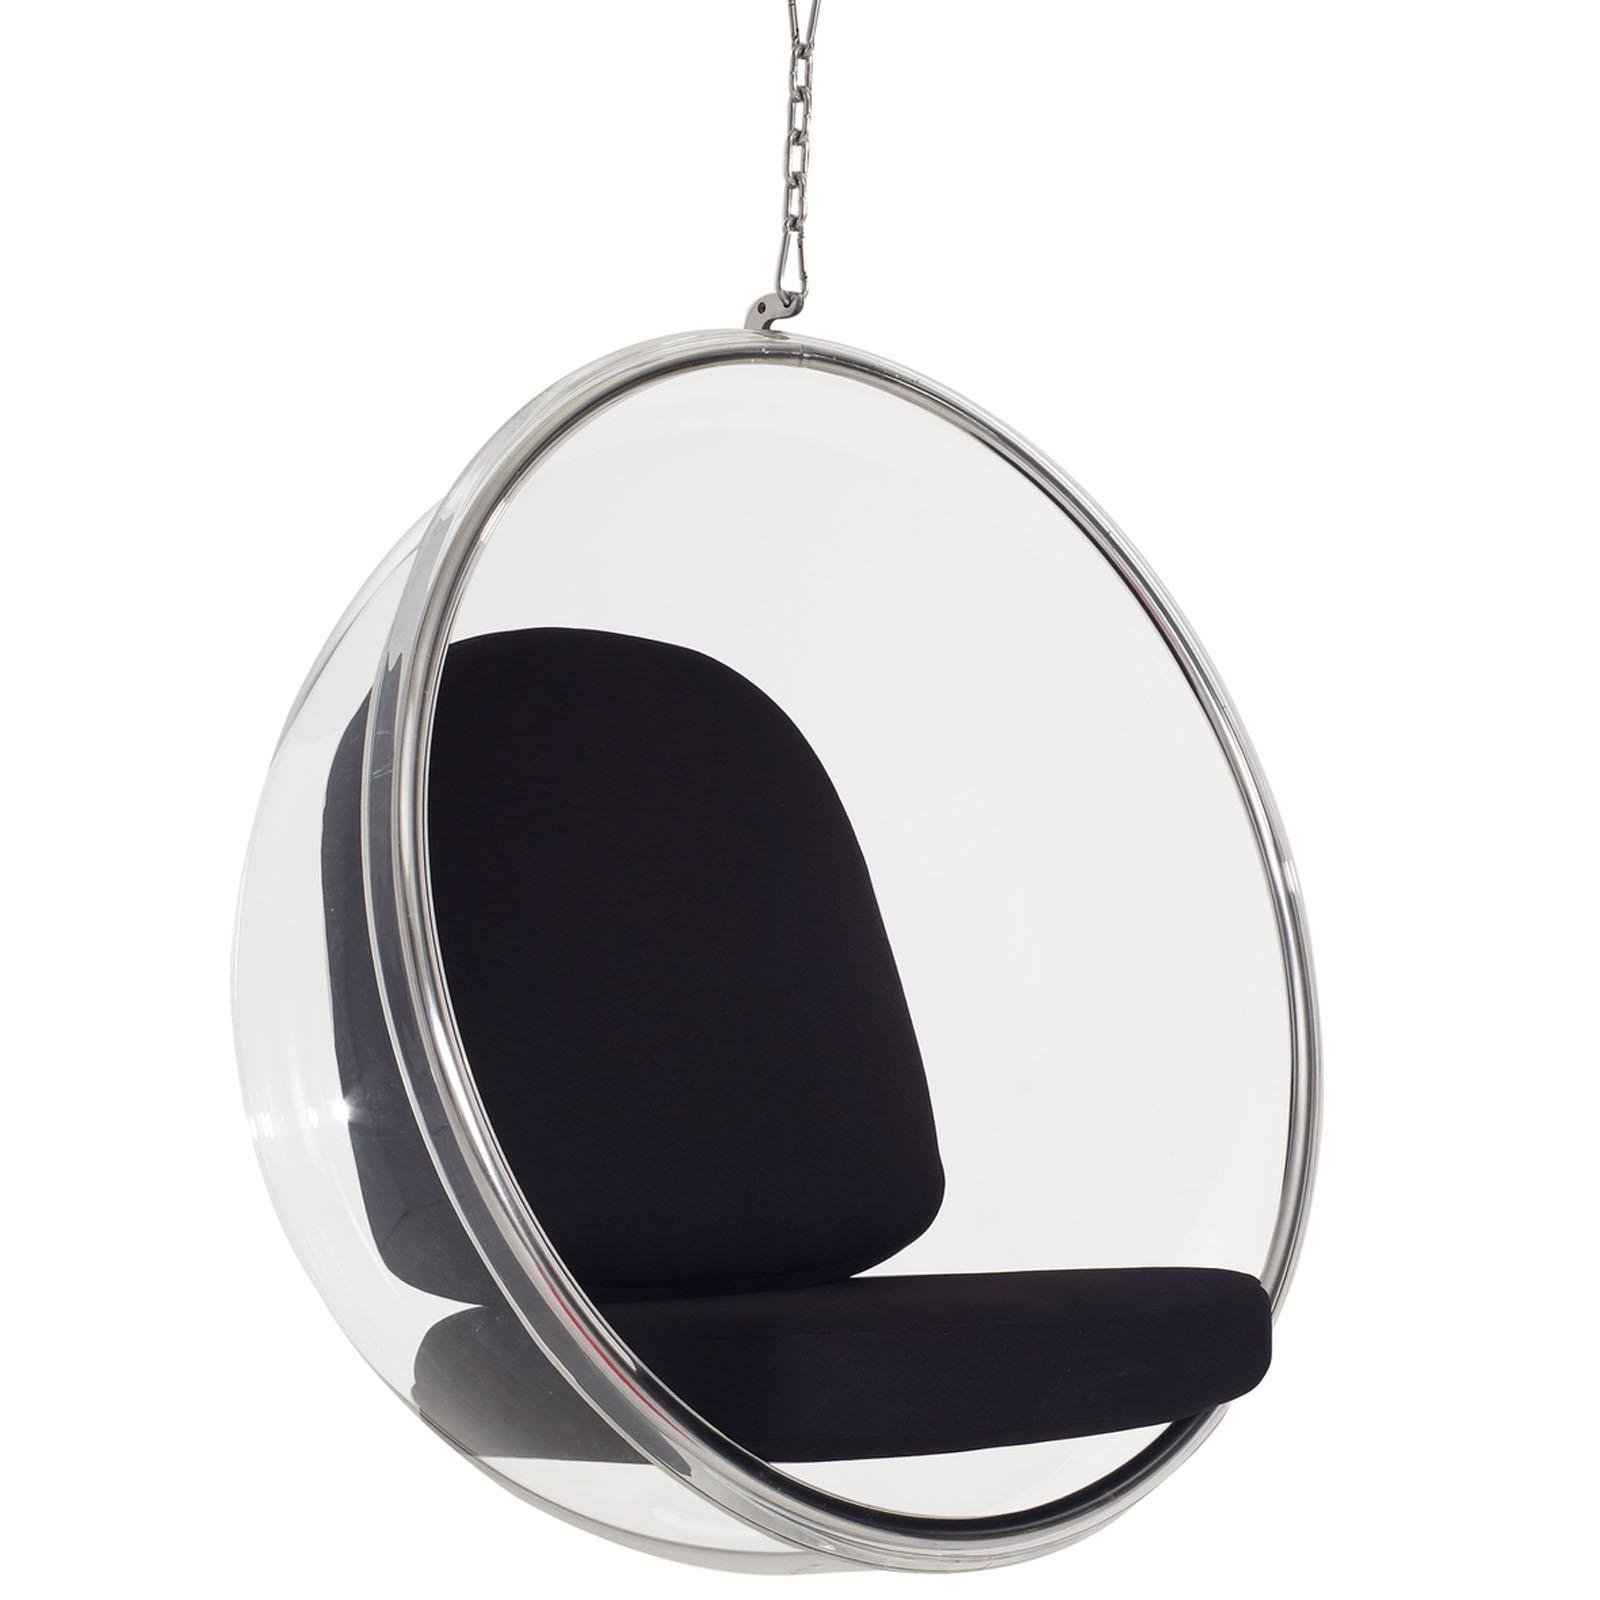 Eero Aarnio Style Hanging Bubble Chair